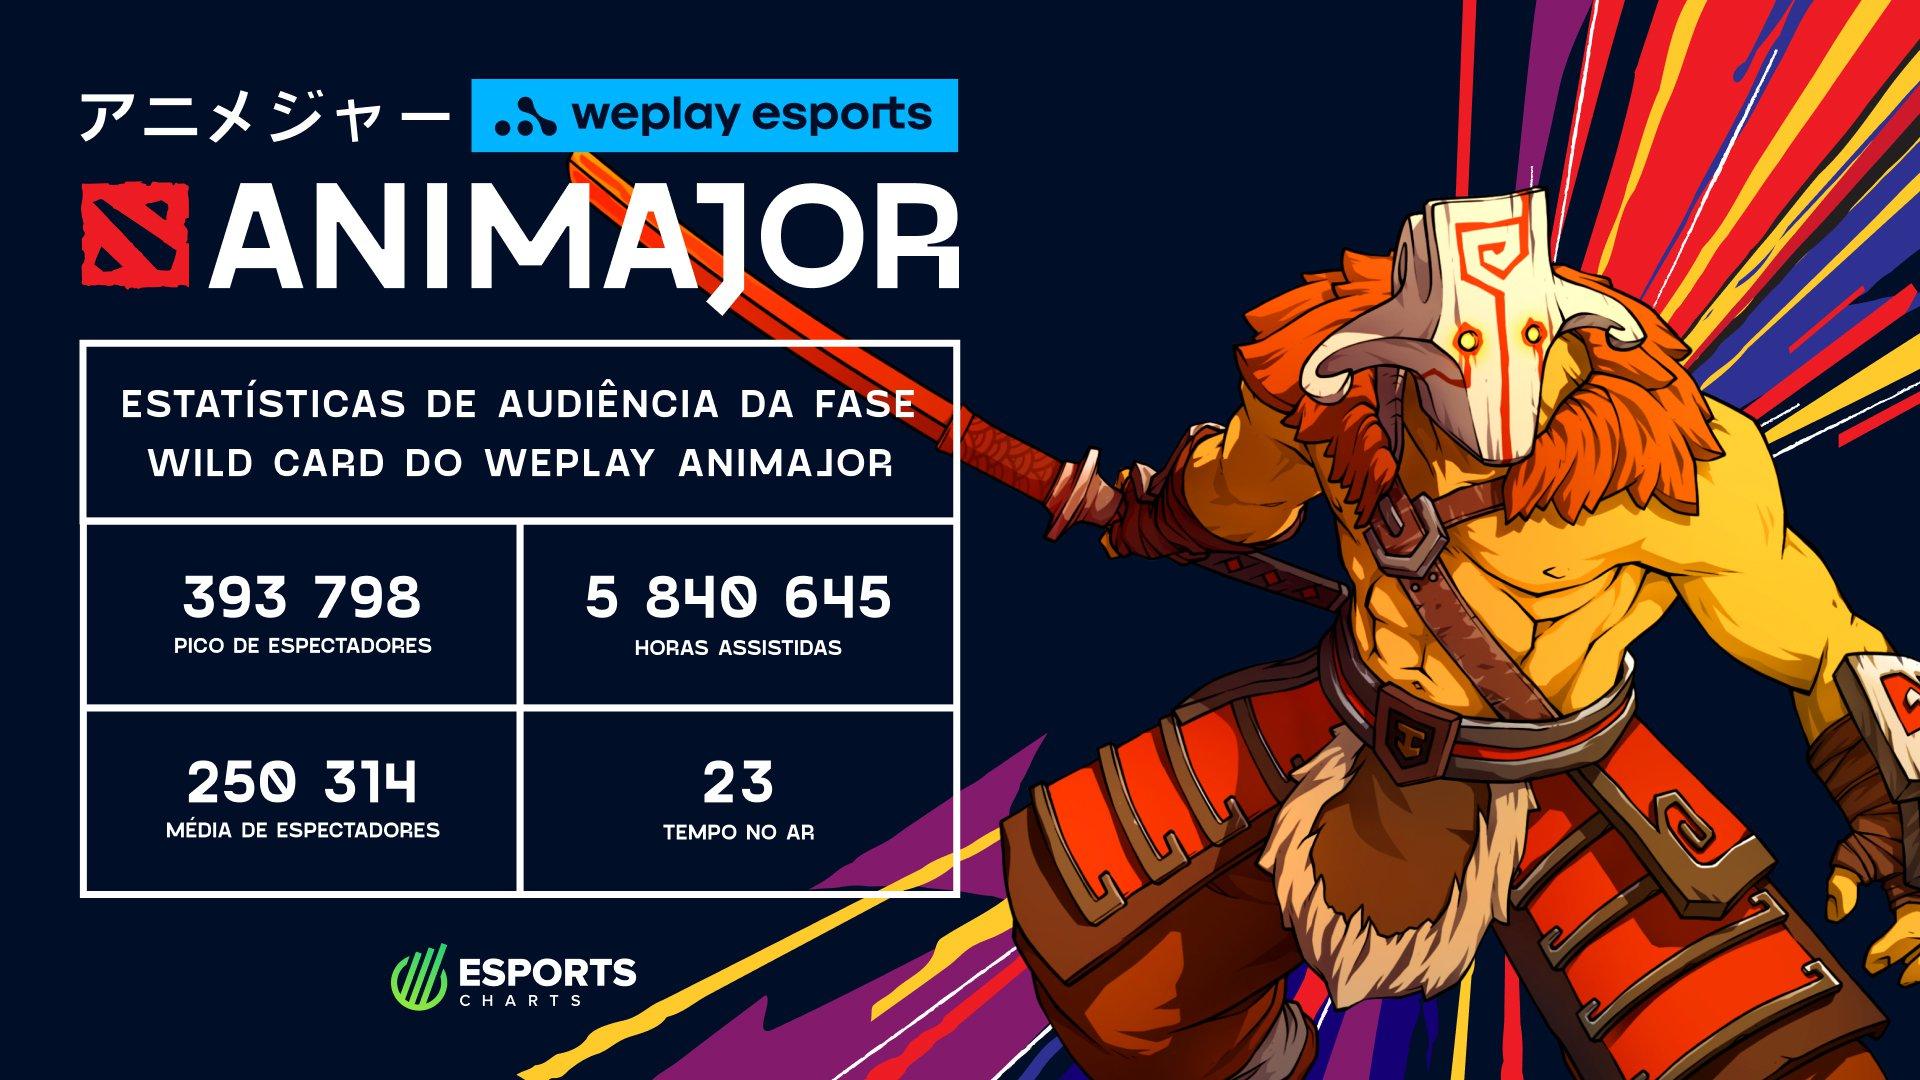 Estatísticas de audiência da fase Wild Card do WePlay AniMajor